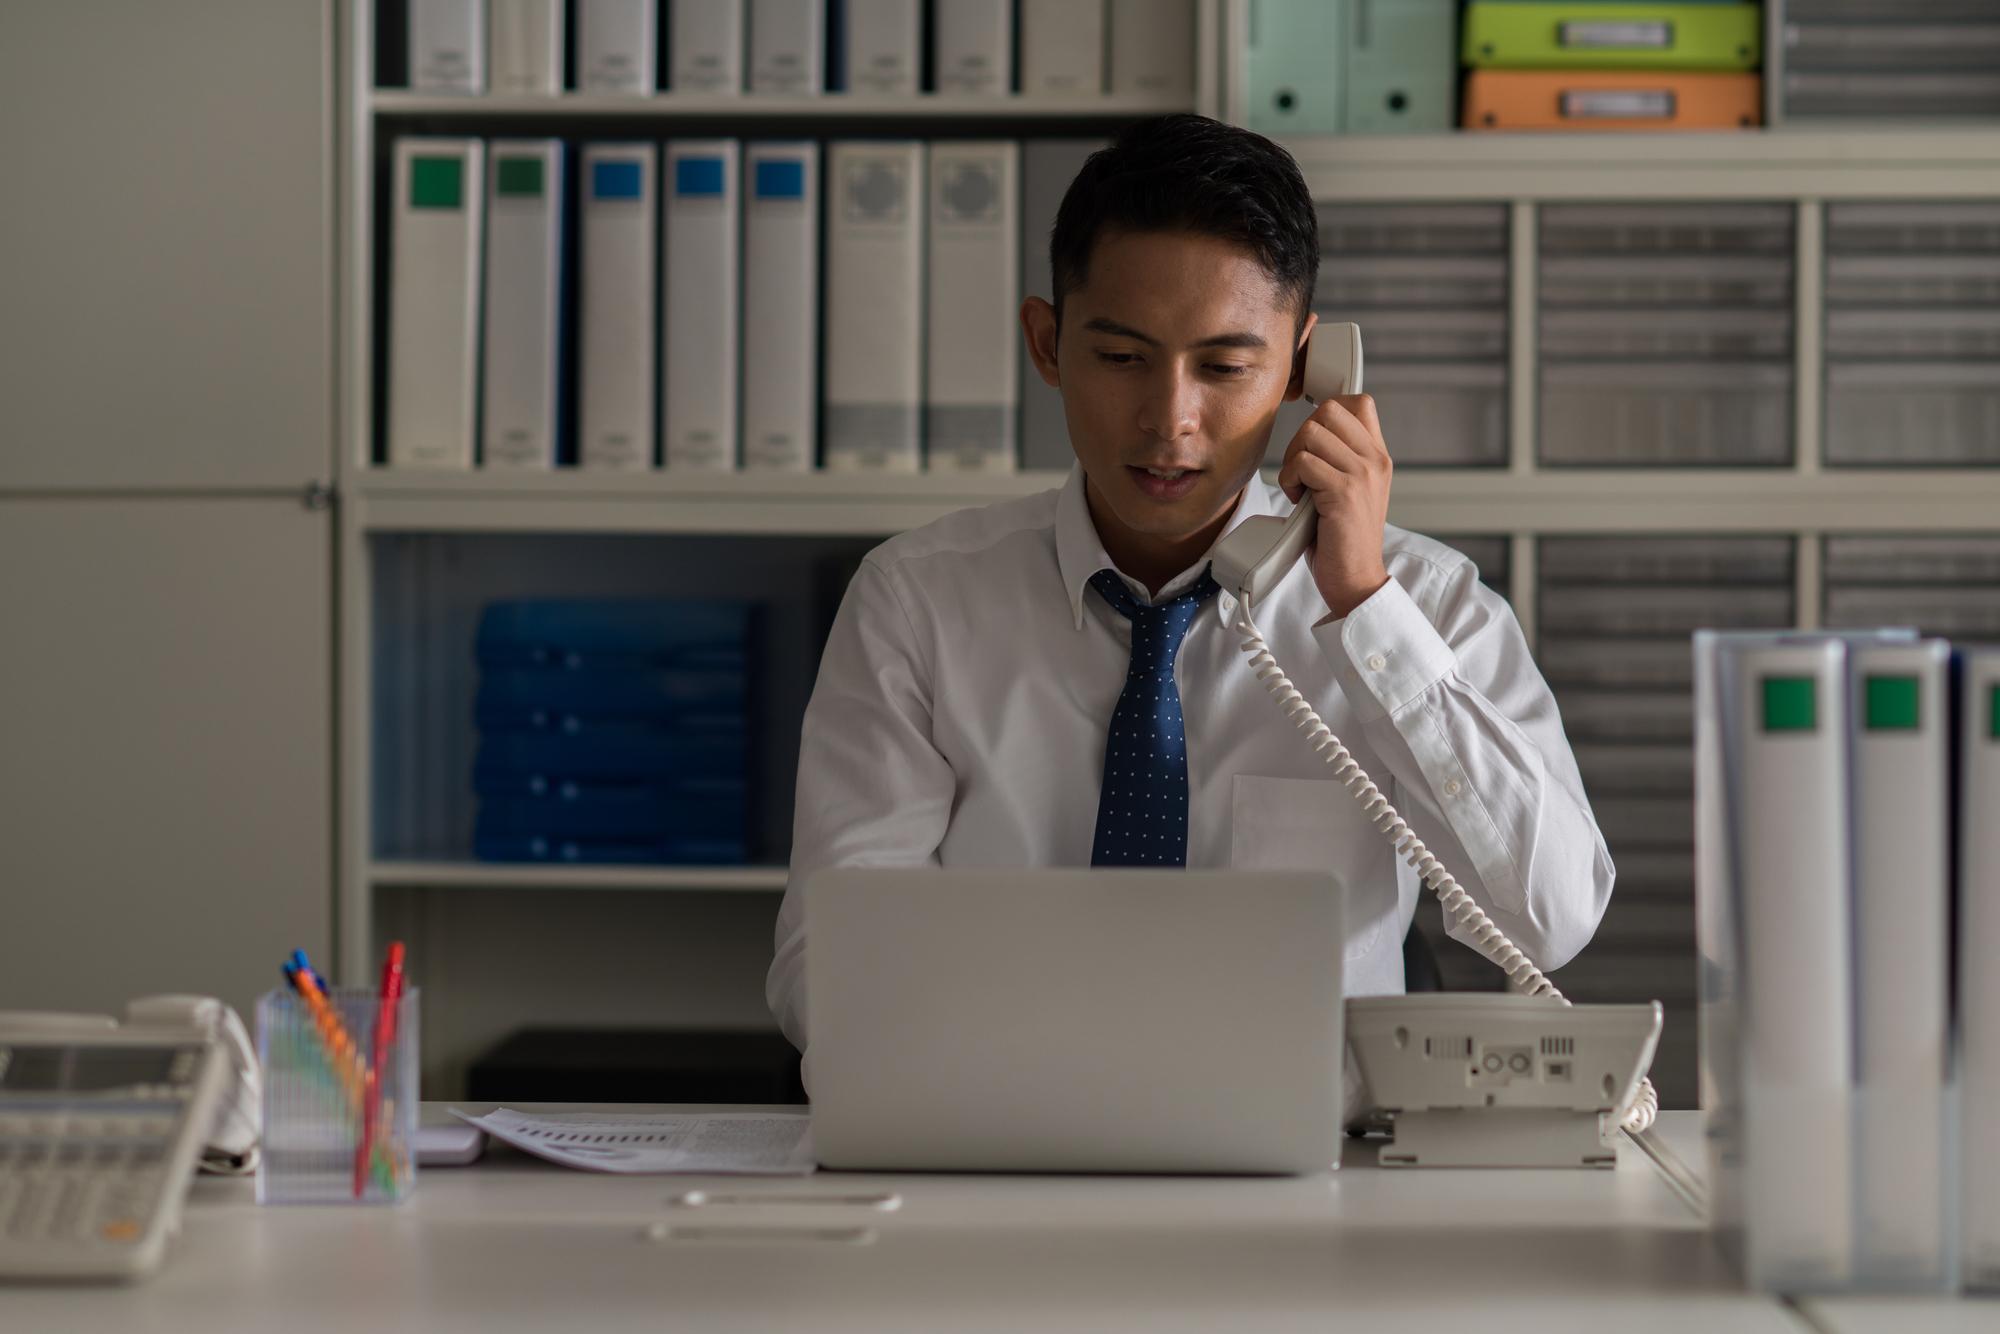 営業には残業が付き物?不要な時間外労働を減らすコツ